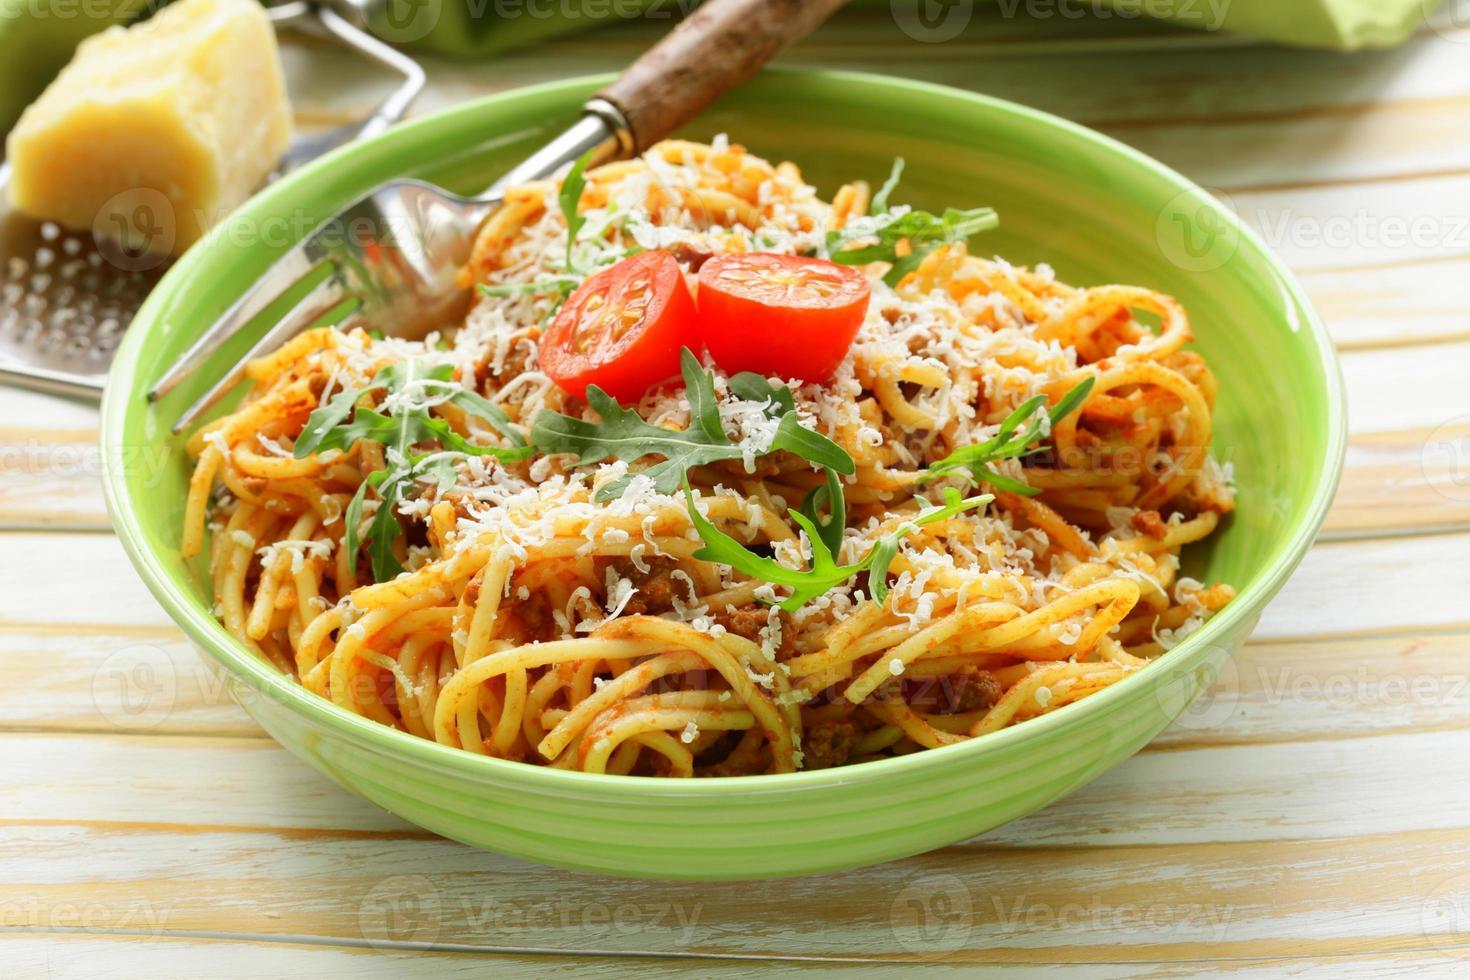 pasta tradizionale con salsa di pomodoro spaghetti alla bolognese con parmigiano foto